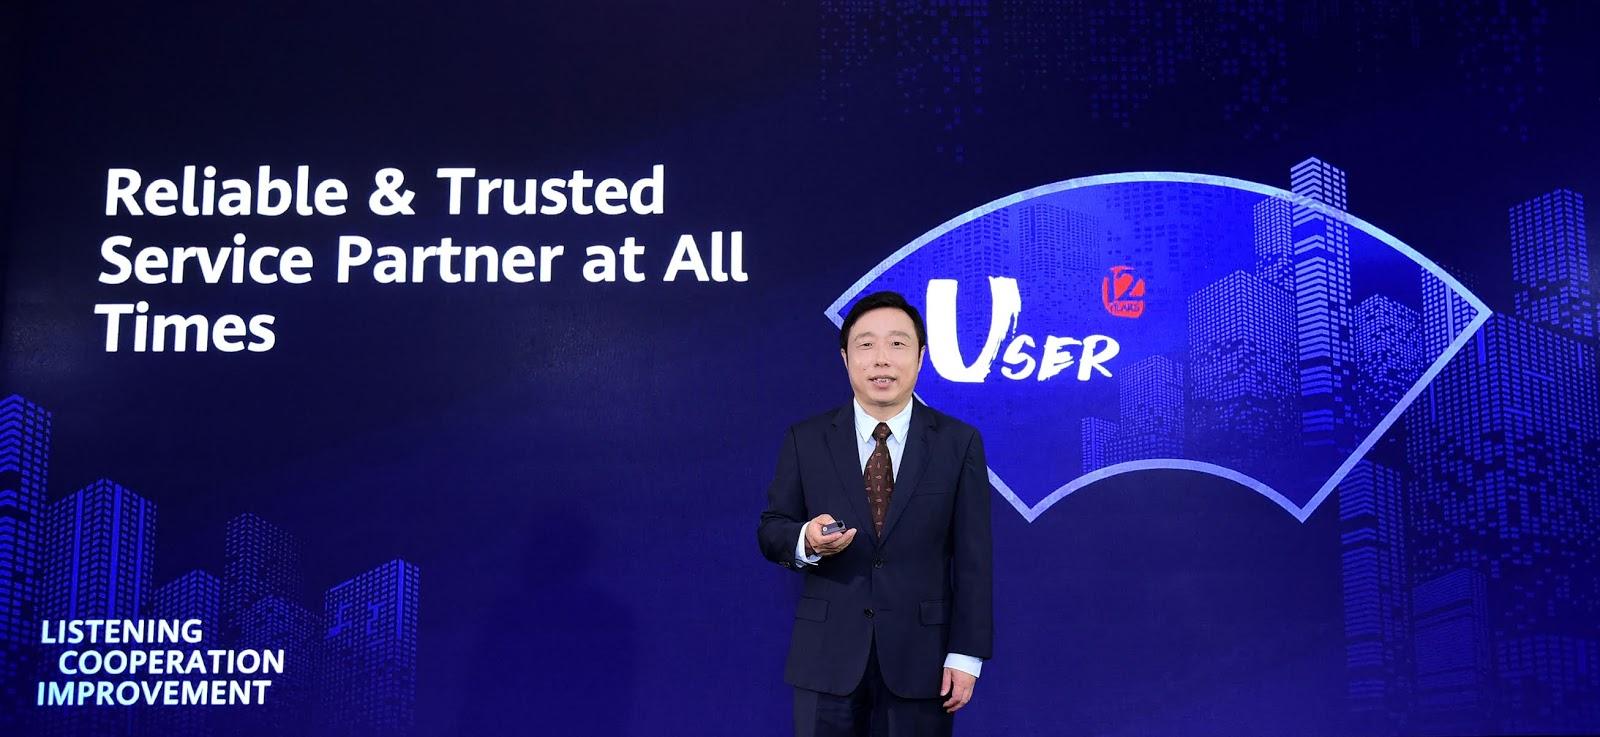 Huawei เผยเส้นทางสู่การเป็น Partner ในการให้บริการที่น่าเชื่อถือและพึ่งพาได้